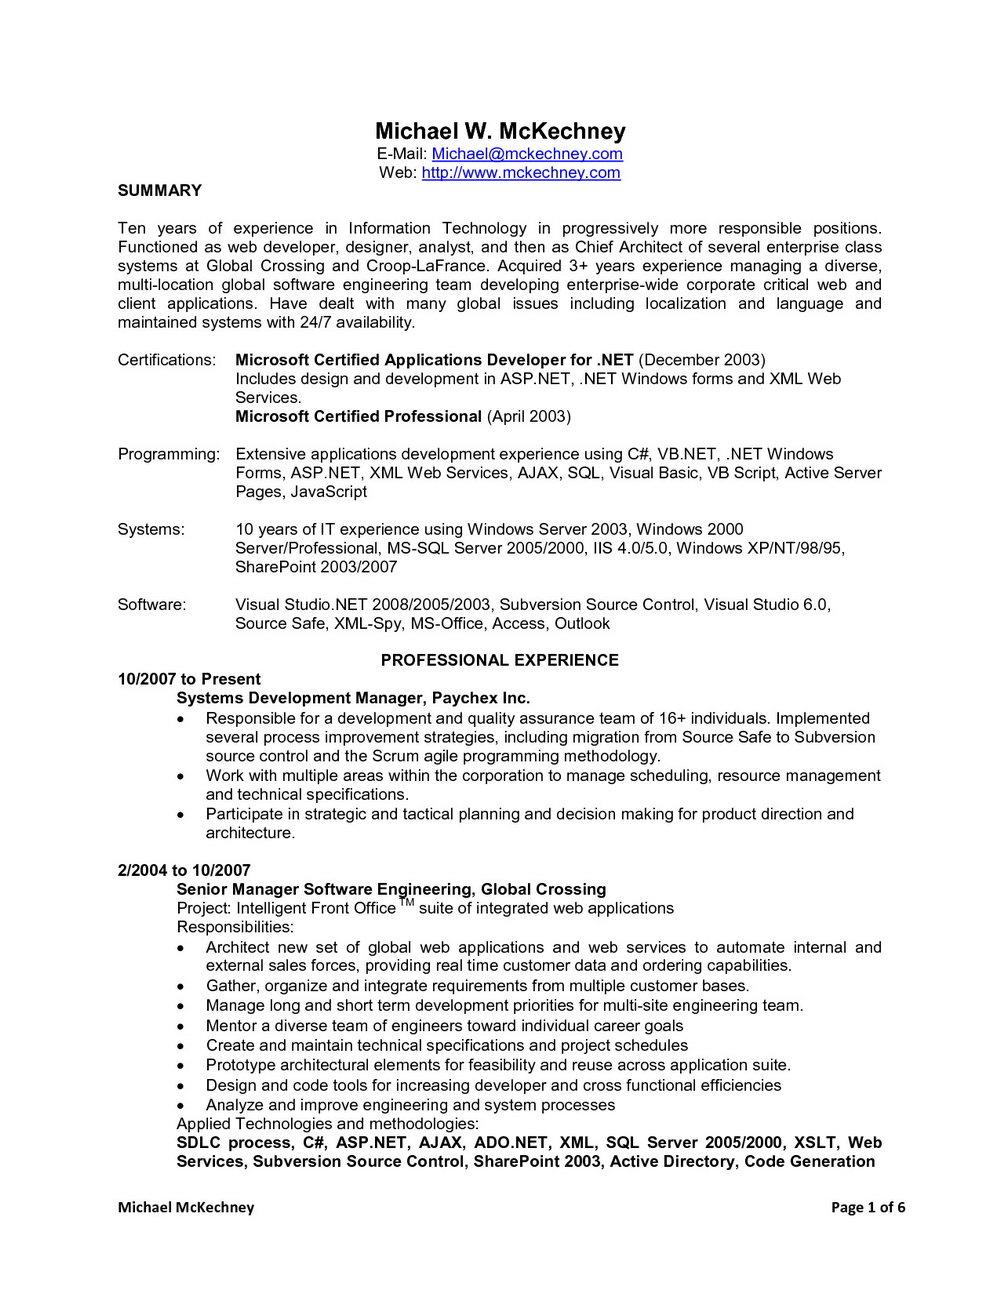 Sample Resume For Dot Net Developer Experience 10 Years